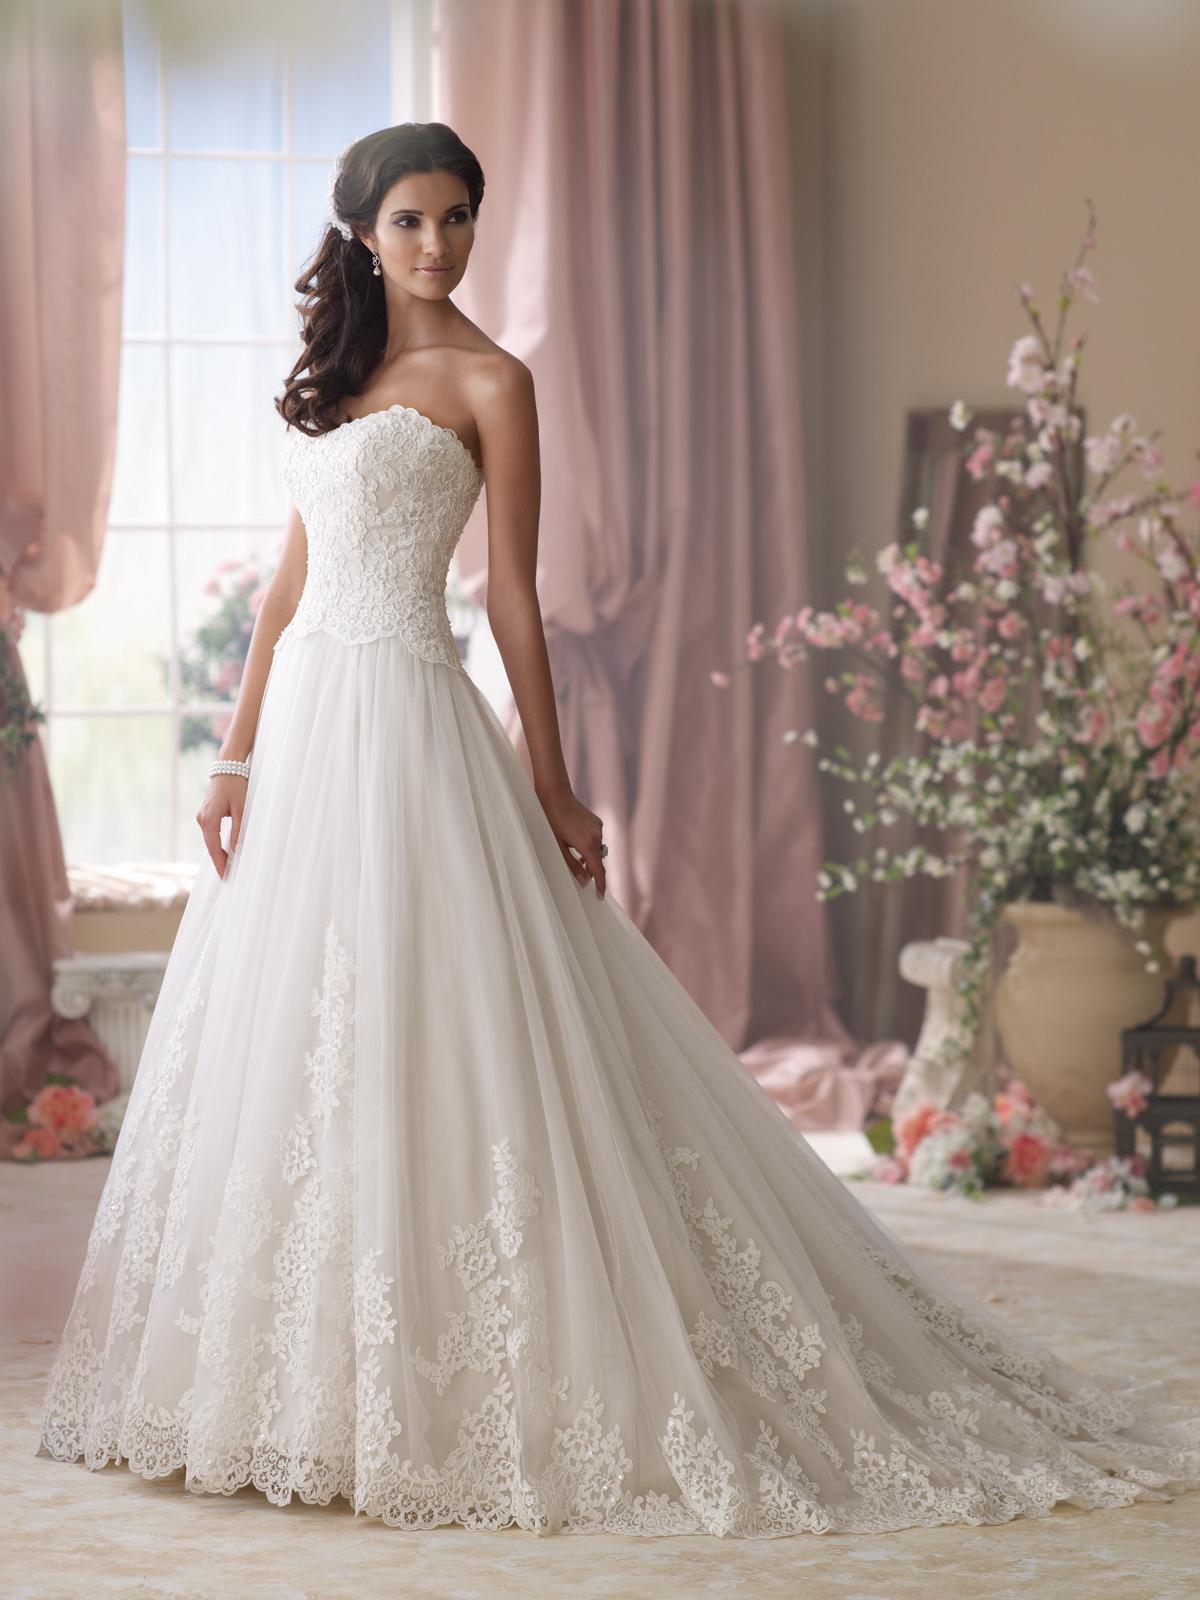 Vestido de Noiva Princess - Hipnose Alta Costura e Spa para Noivas e Noivos - Campinas - SP Vestido de Noiva, Vestidos de Noiva Princesa, Hipnose Alta Costura, Vestido de Noiva Princess